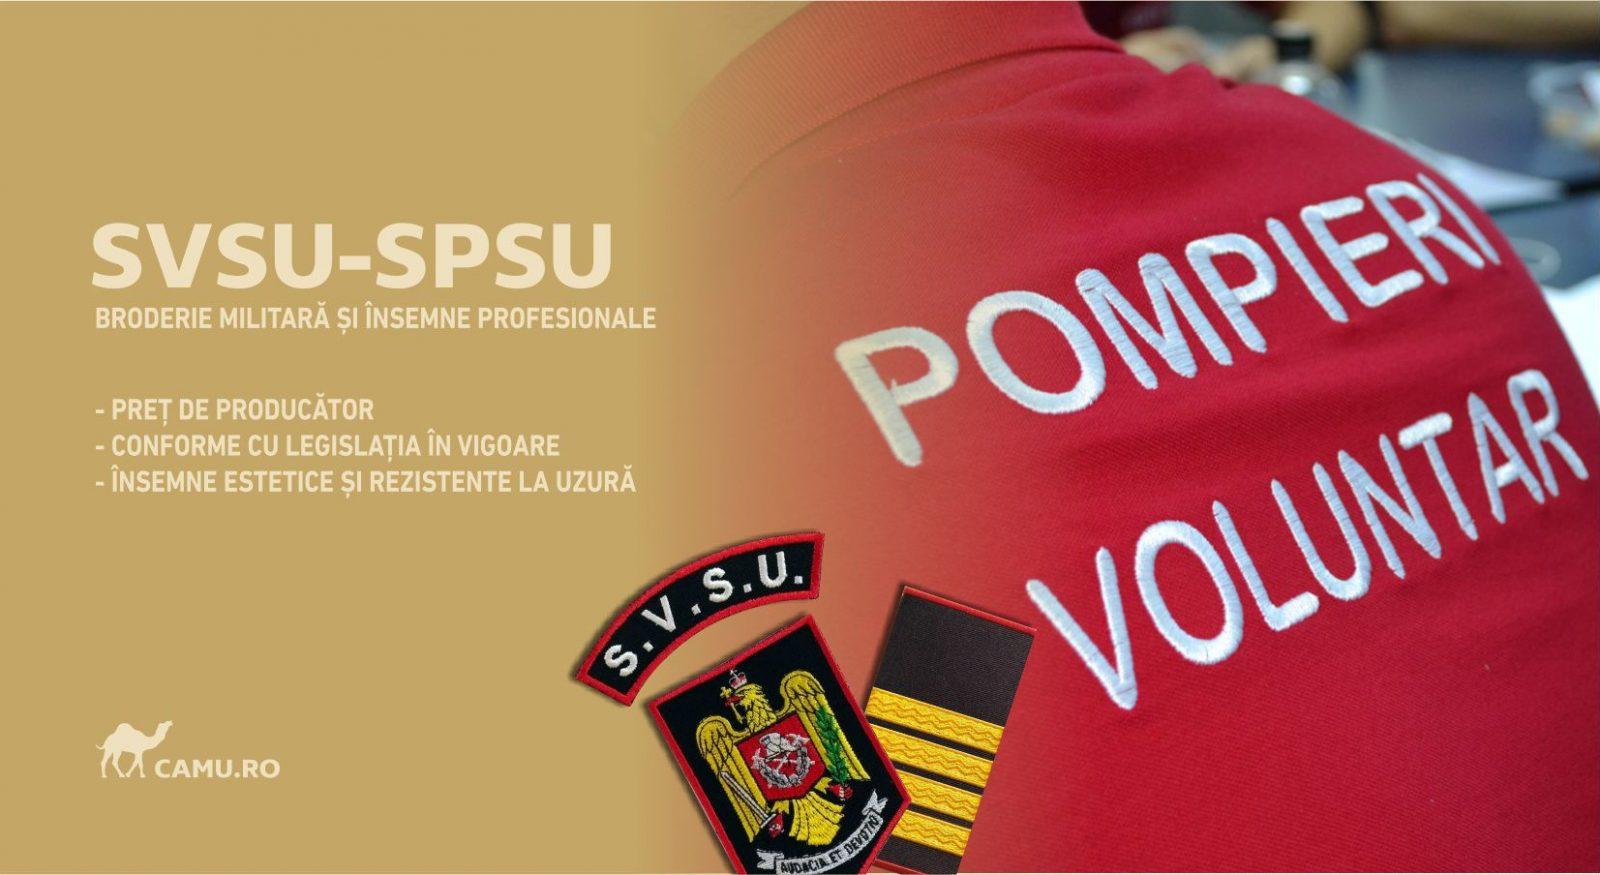 Grade Militare Serviciul Voluntar SVSU – SPSU de vânzare | Embleme SVSU – SPSU | Petlițe | Ecusoane | Nominale și alte însemne distinctive pentru uniforma Serviciului Voluntar SVSU – SPSU. *Conforme cu legislația în vigoare.